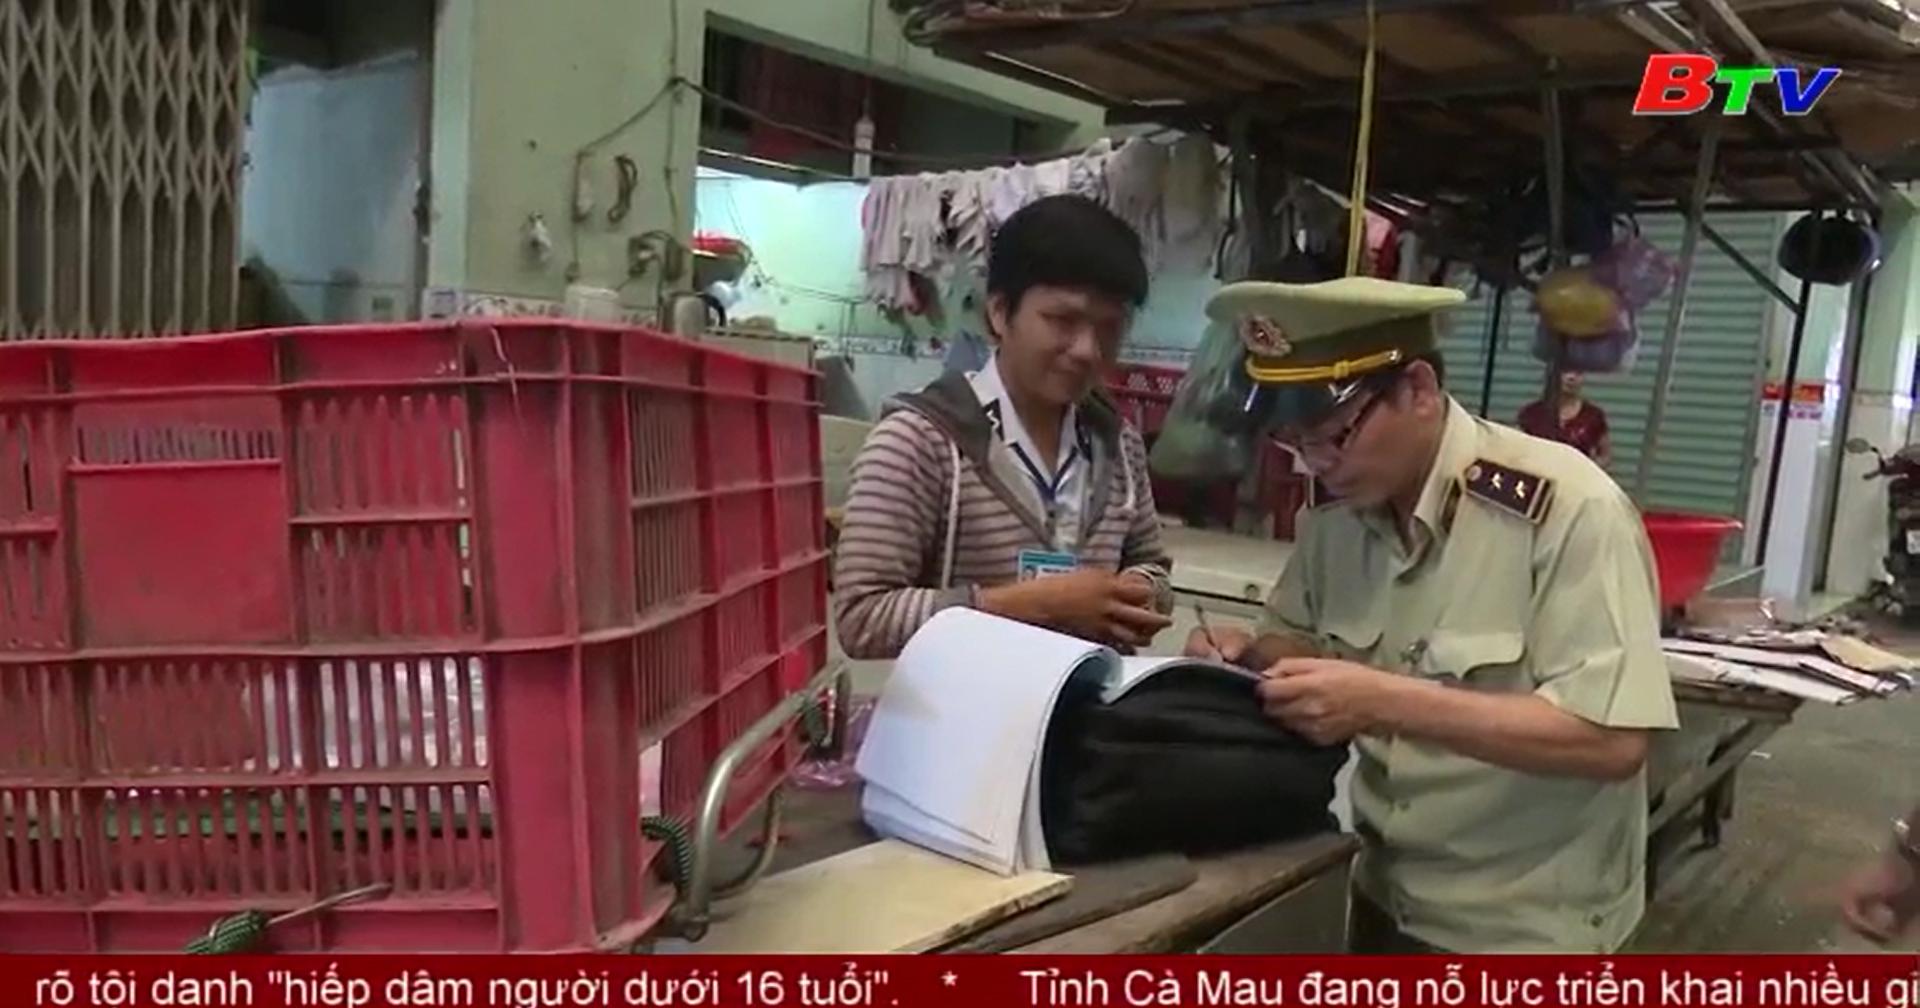 Thị xã Thuận An bắt giữ và tịch thu gần 700kg thịt heo nghi bị bệnh và không rõ nguồn gốc